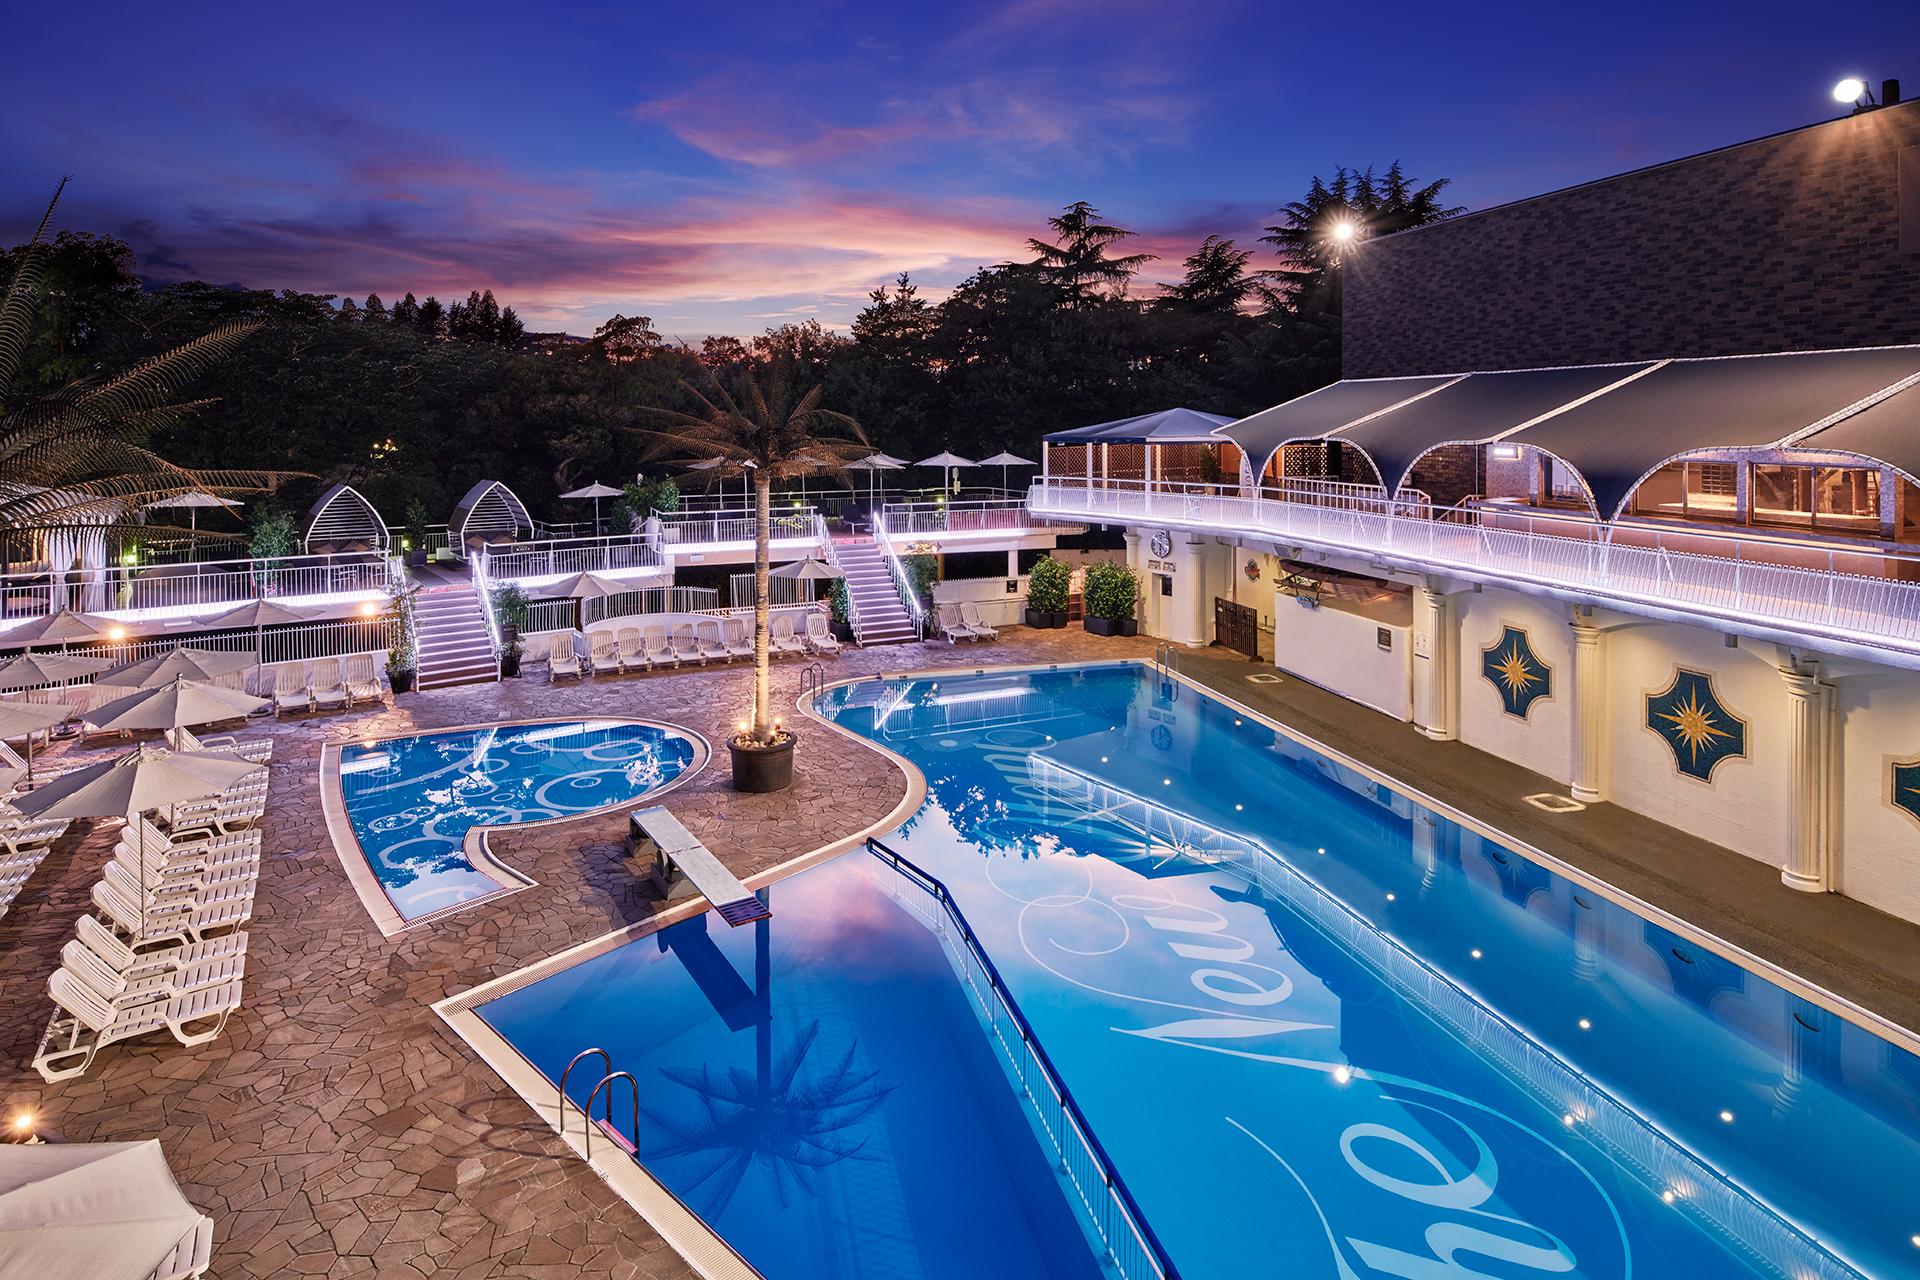 ホテルニューオータニのプール、今年は宿泊プラン利用者限定で営業